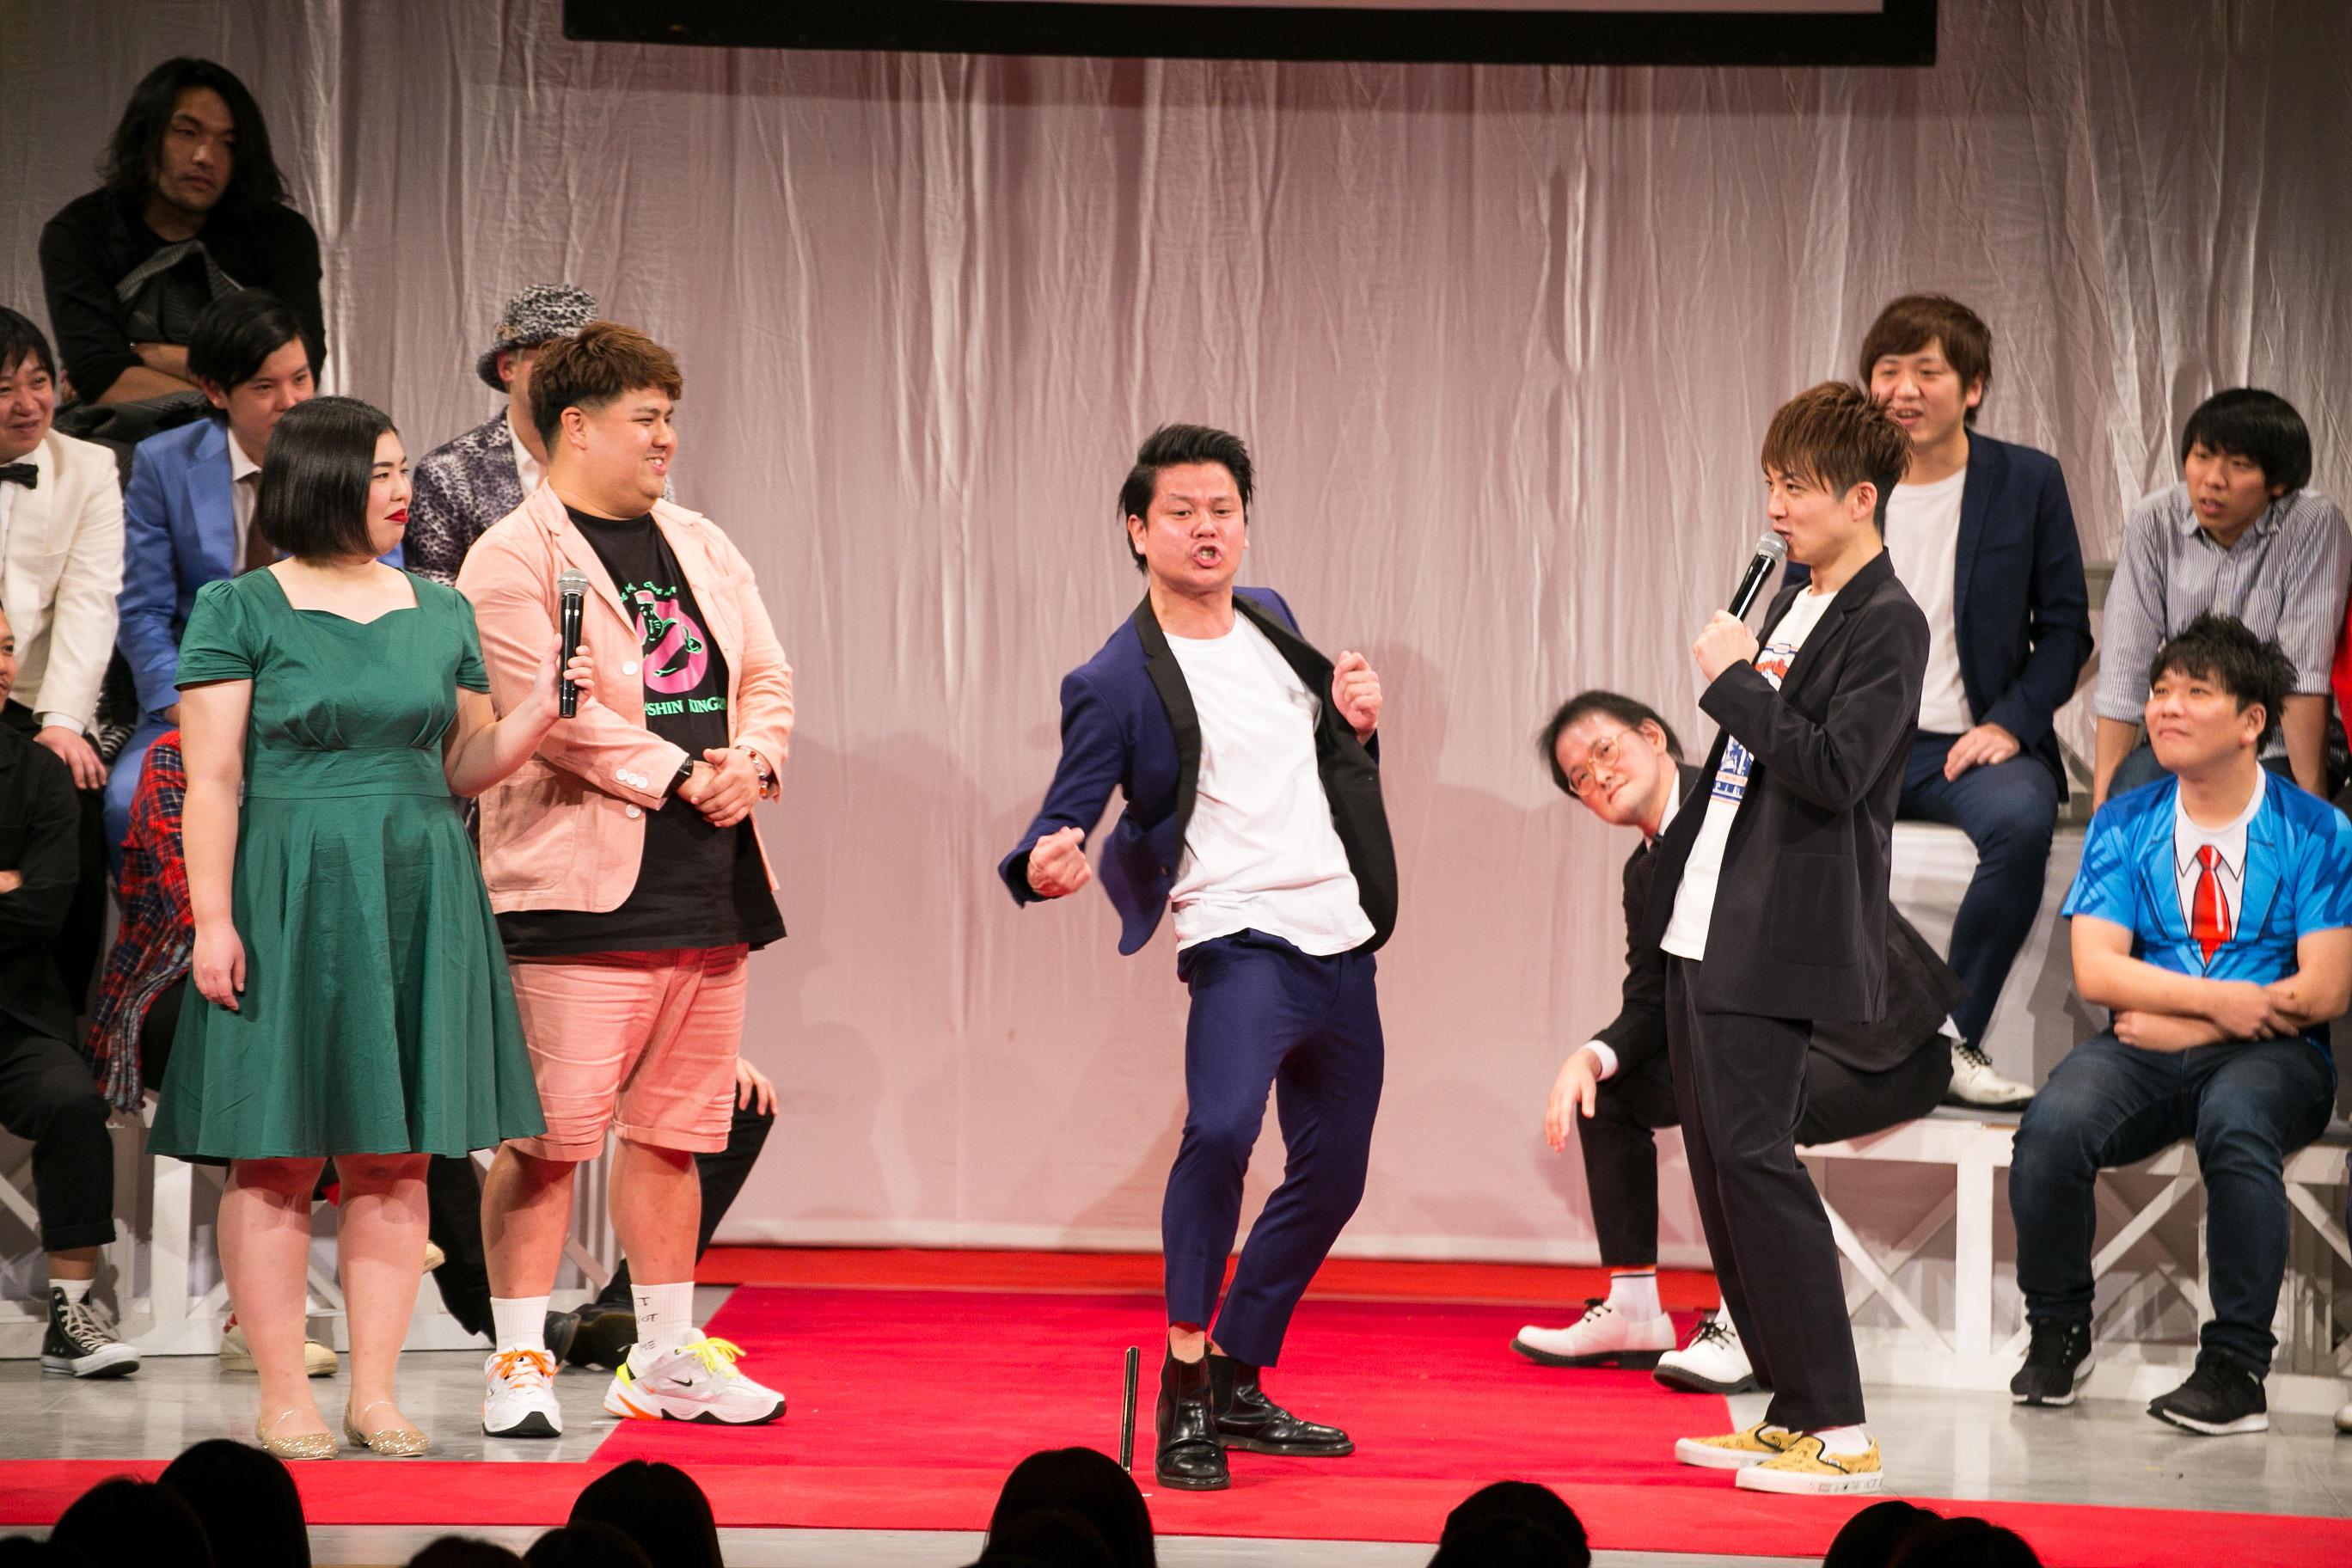 http://news.yoshimoto.co.jp/20181228112303-2faadf54d57db7cf64717d033b222a8b840a4e69.jpg